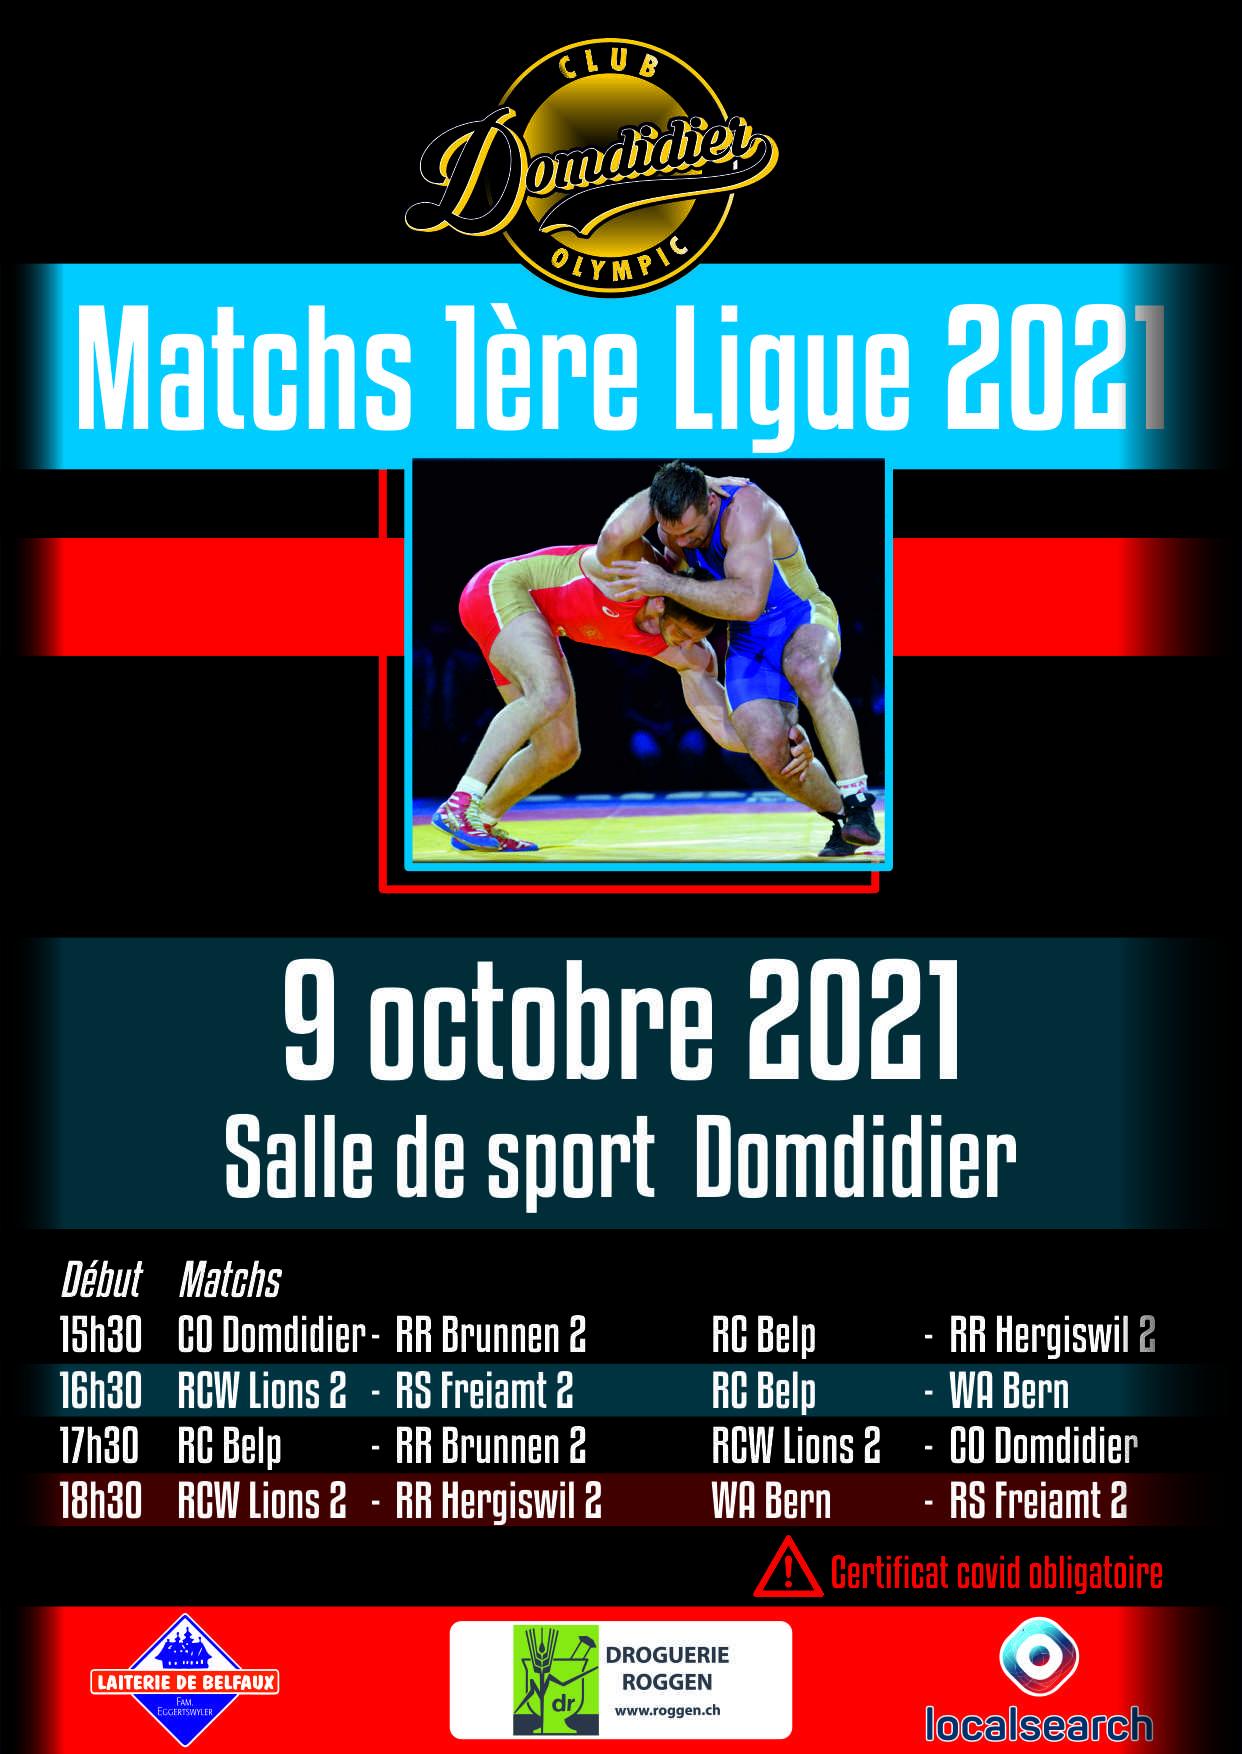 Ligue 2021